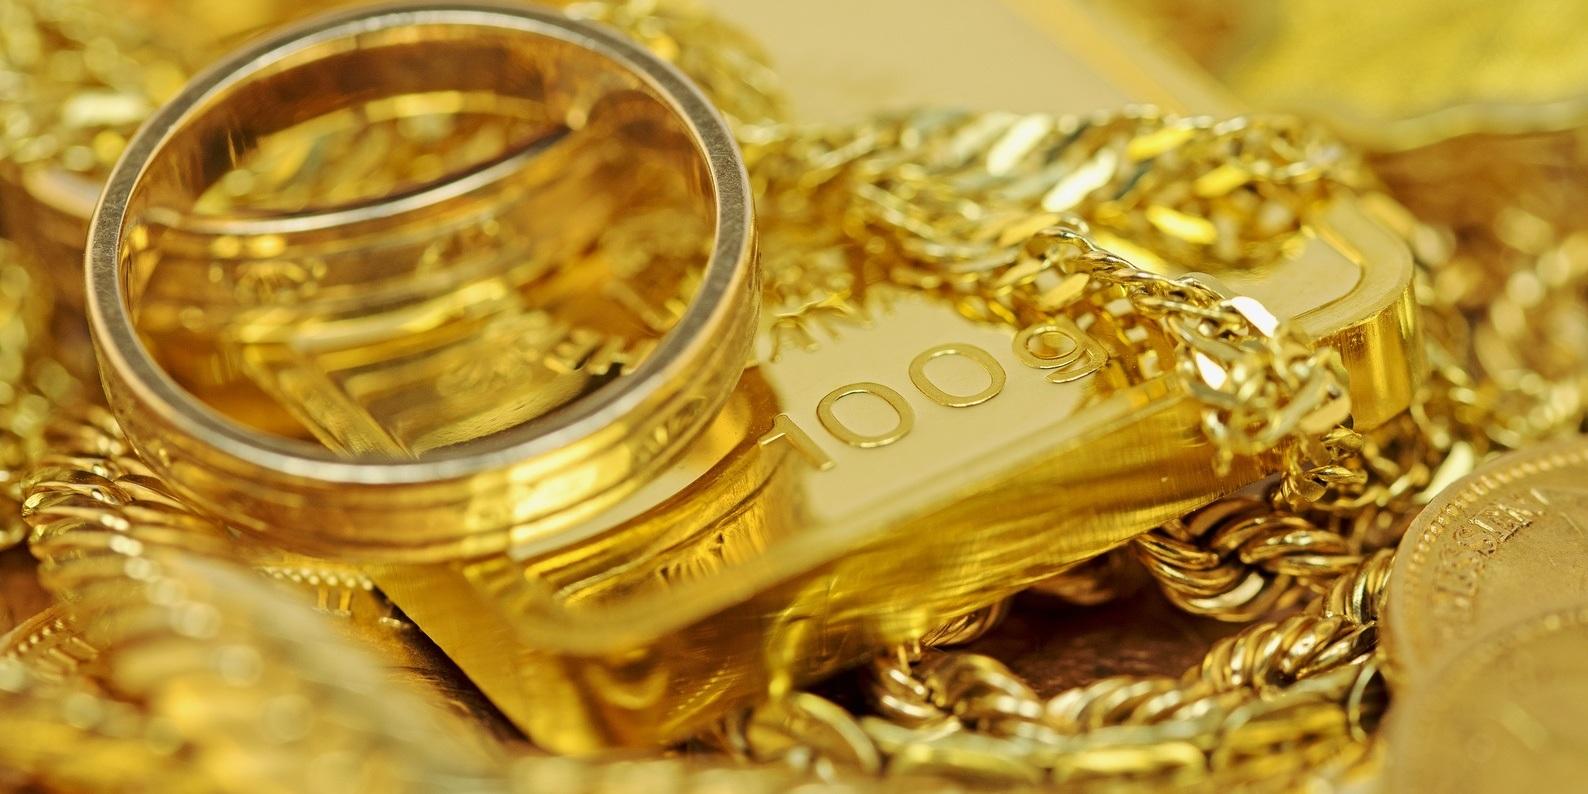 Überm Goldpreis? Warum sich im Dorotheum Bestpreise für Gold-Schmuck erzielen lassen.